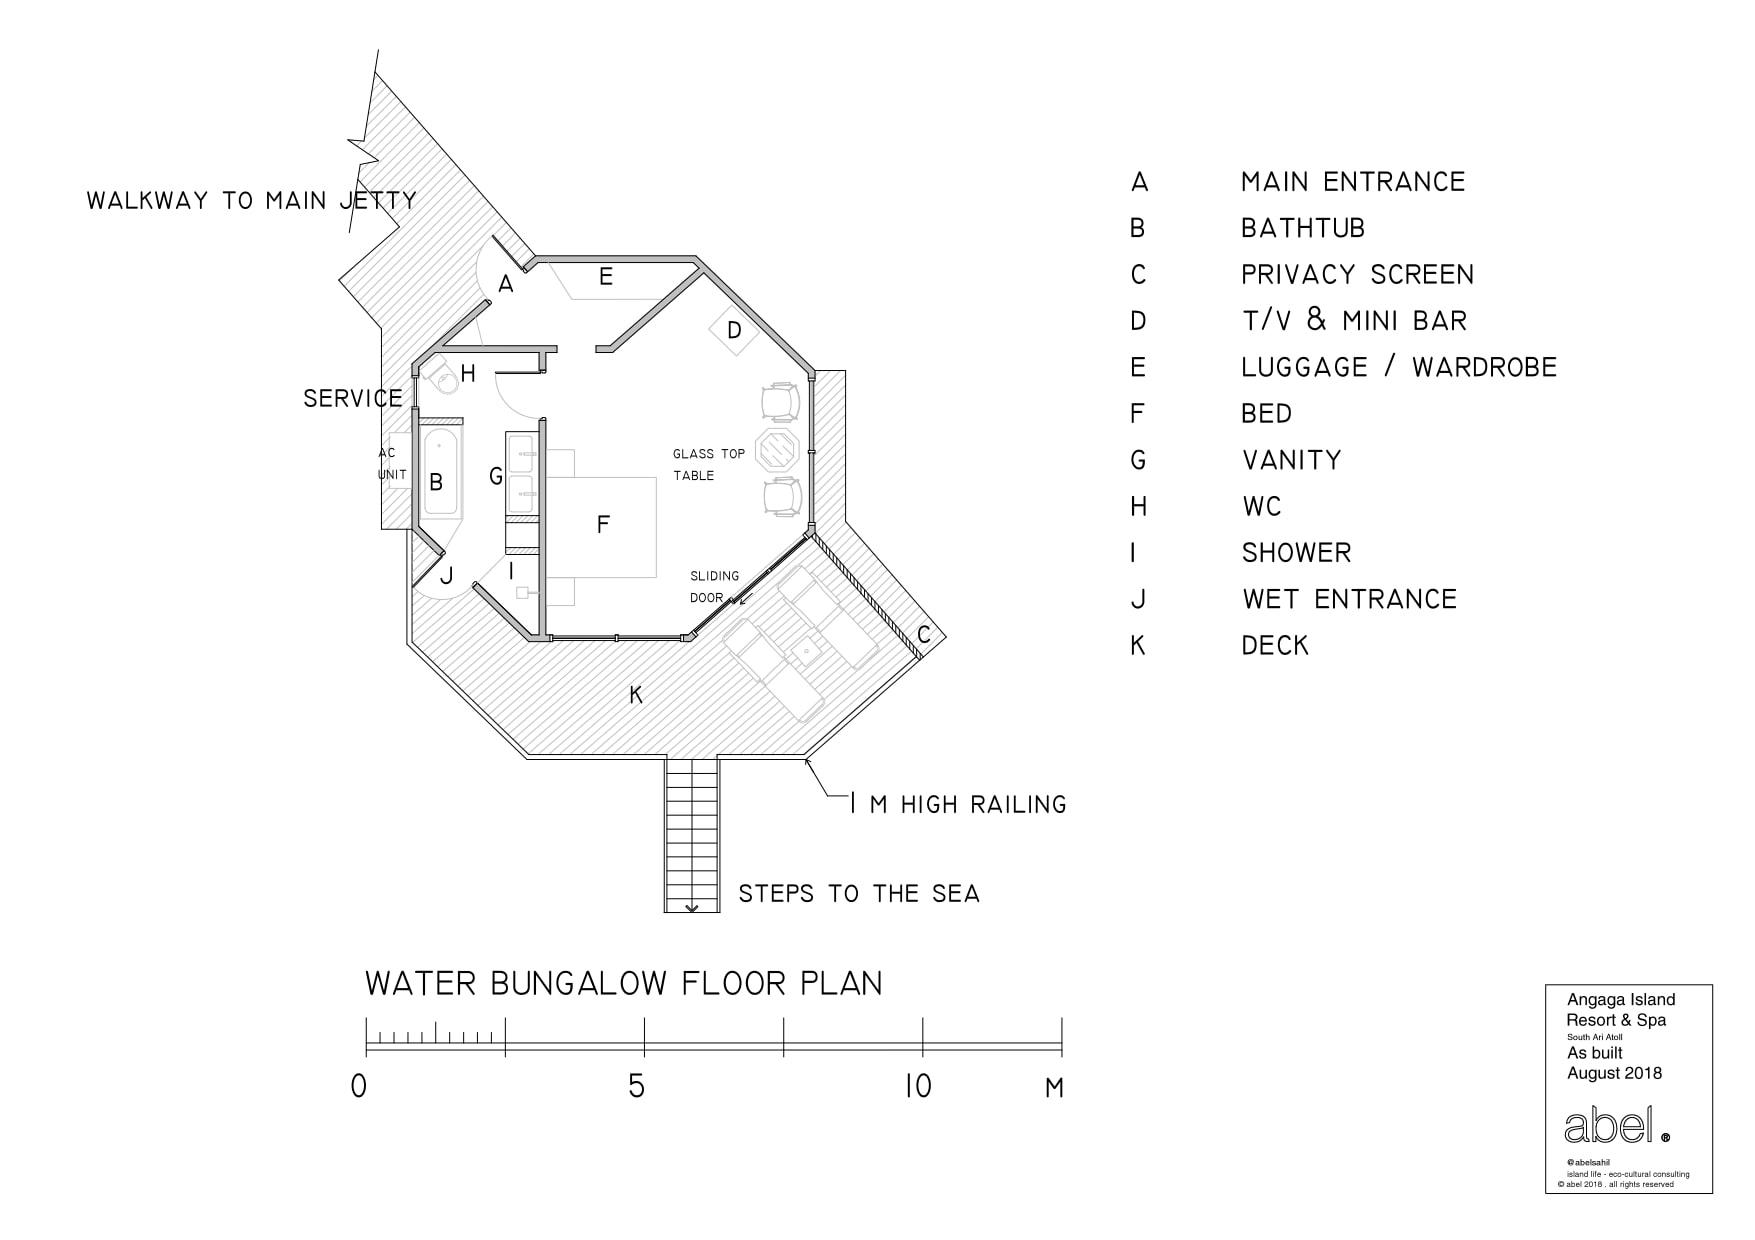 Мальдивы, отель Angaga Island Resort & Spa, план-схема номера Water Bungalow